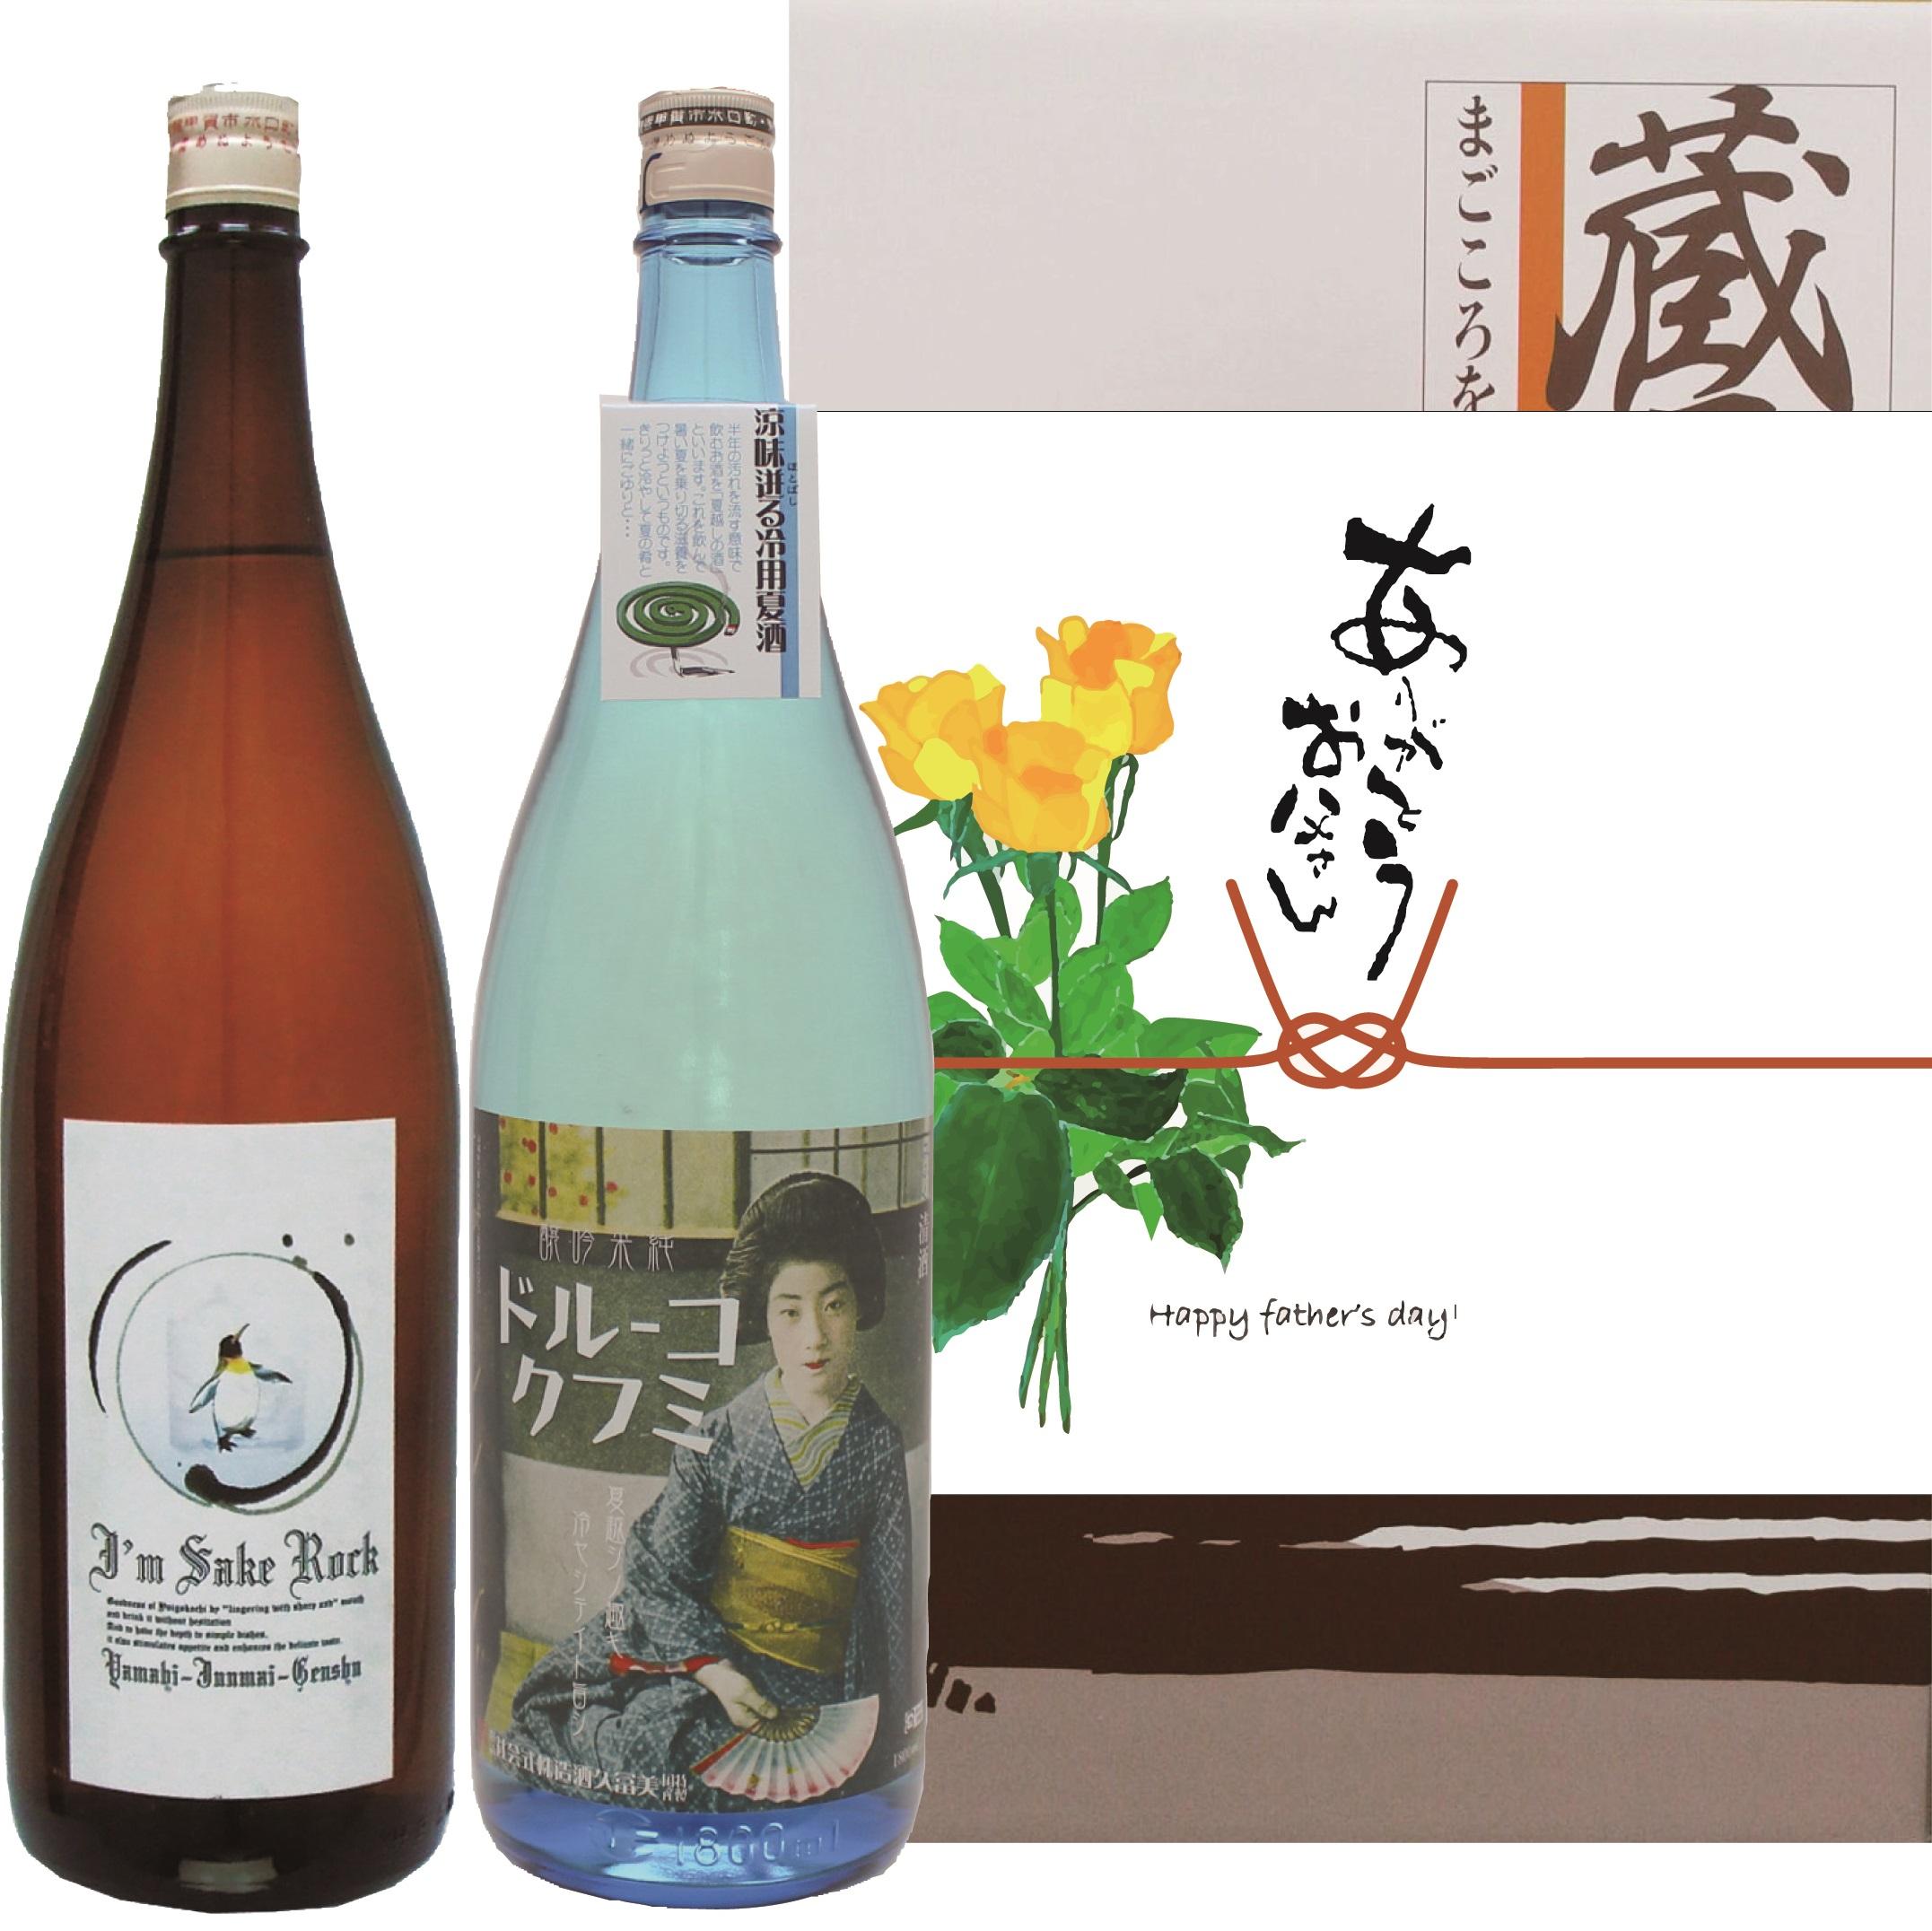 【父の日】夏冷酒1.8L2本セット(父の日オリジナル掛け紙ギフト仕様)